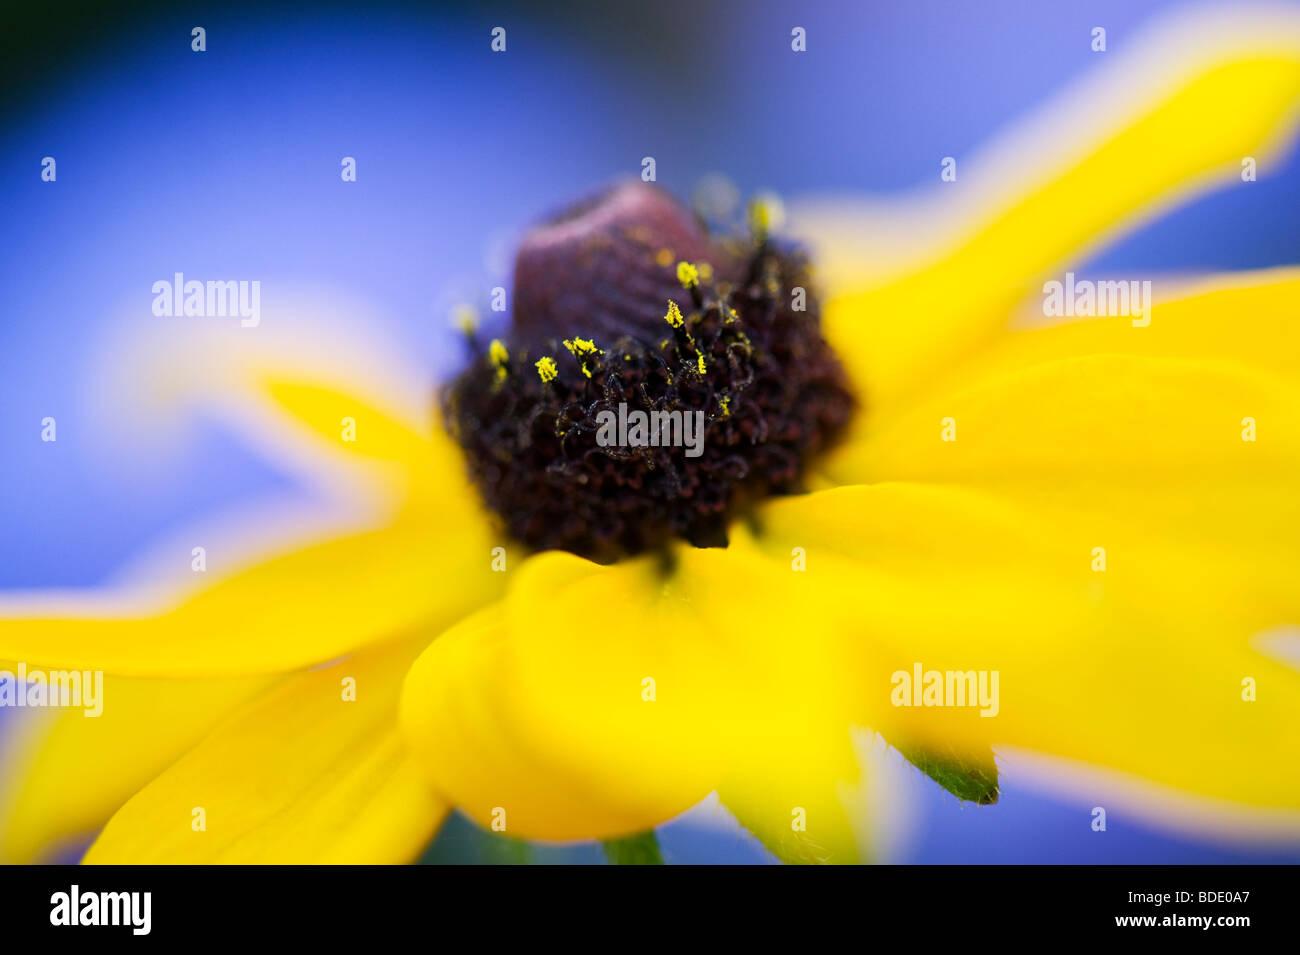 Rudbeckia fulgida Goldsturm contre fleur fond bleu dans un jardin Photo Stock